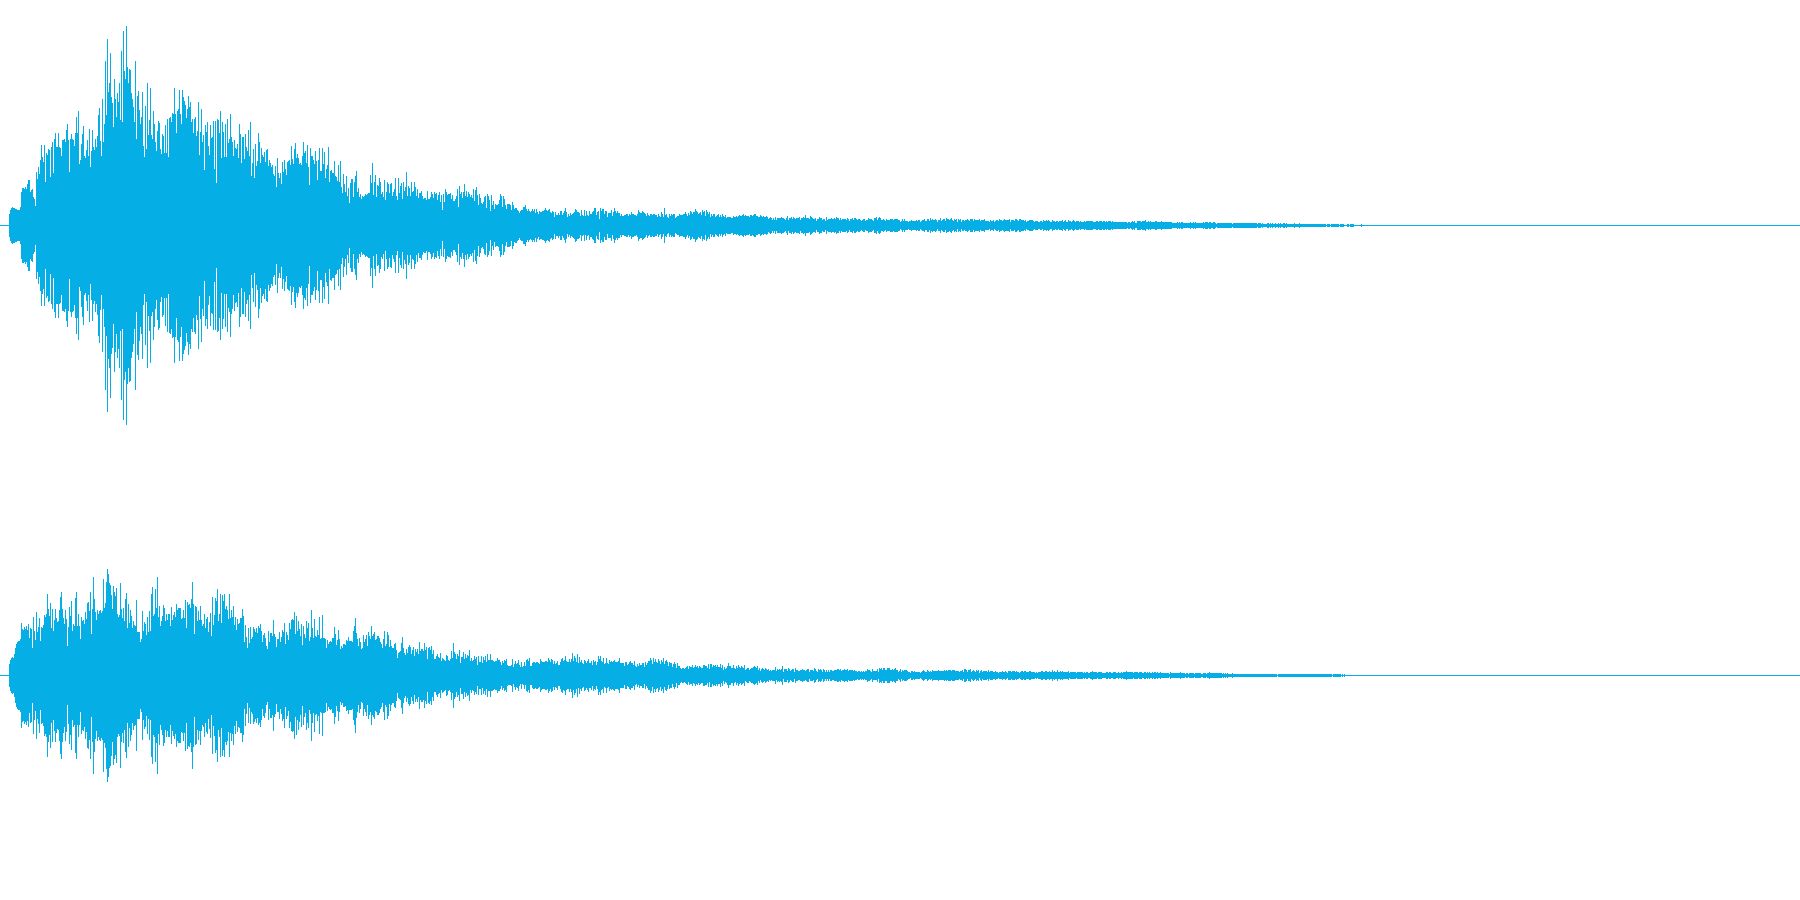 明るいテロップ音 ボタン音 決定音!1cの再生済みの波形